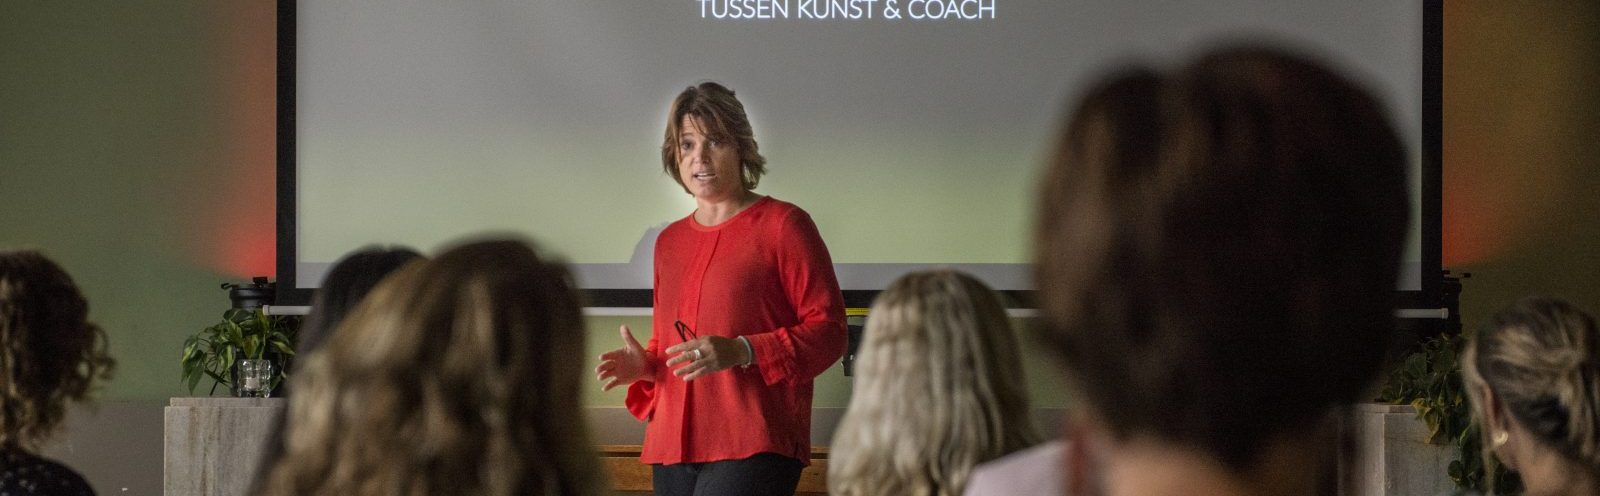 Mascha van Wijnen, oprichter Koaching Akademie